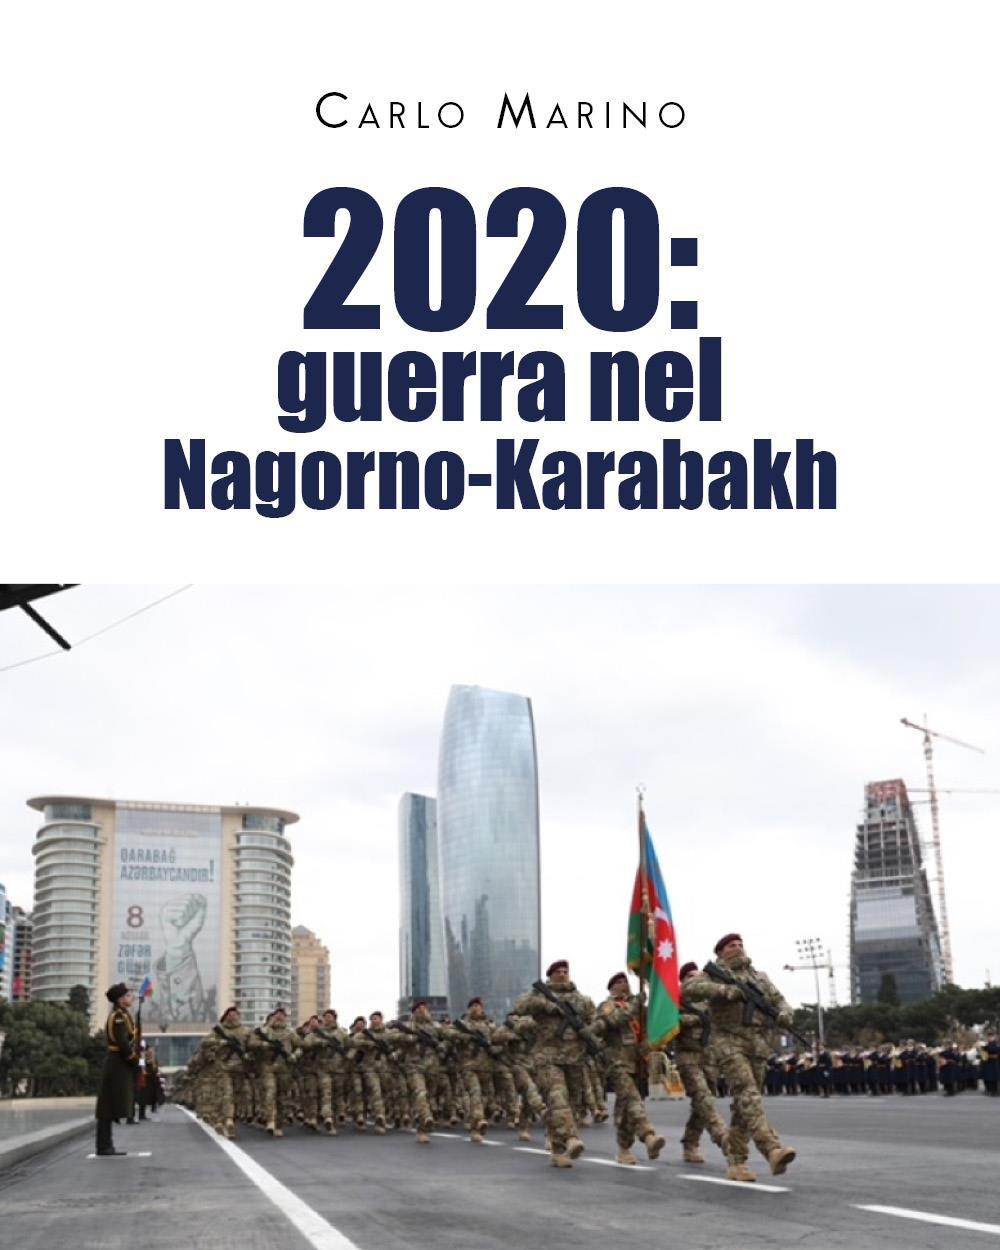 2020: Guerra nel Nagorno-Karabakh